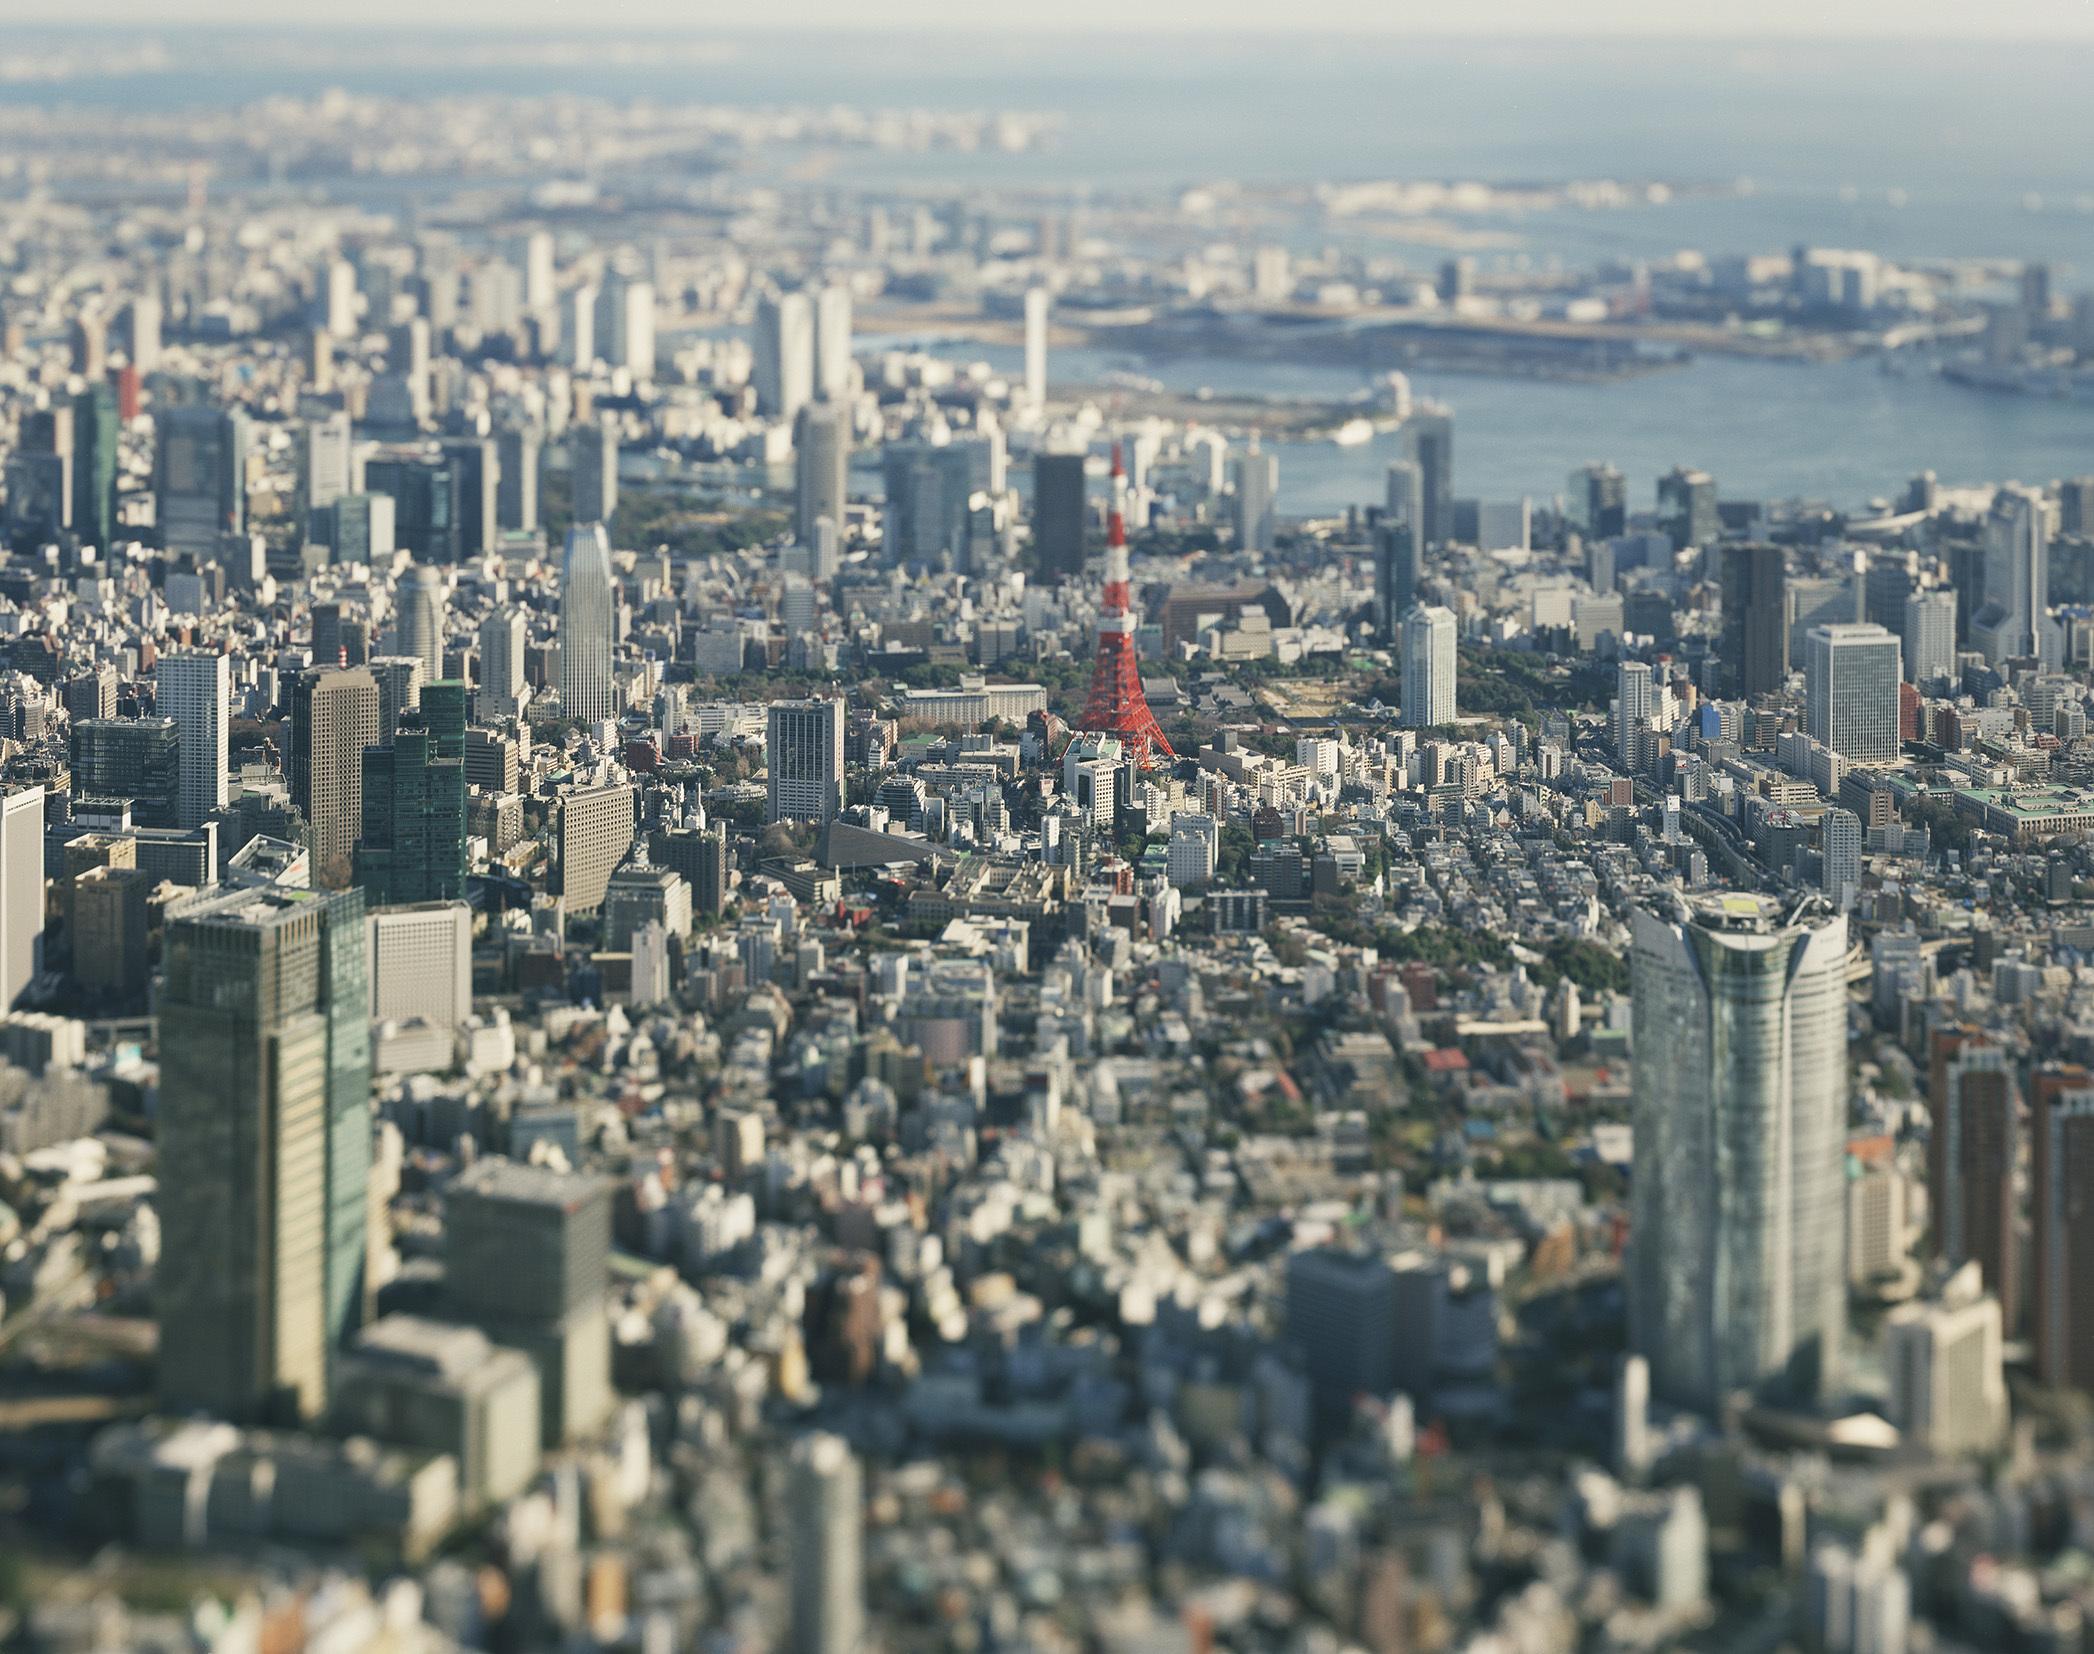 東京・代官山にある「1/2GALLERY」にて、本城直季氏の写真展「TOKYO/KYOTO 1/2」展が開催される。本城直季氏は、大判カメラのアオリ(ティルト)を利用して、実際の風景や人物をミニチュア・ジオラマのように見せる独特の手法で知られる写真家だ。top